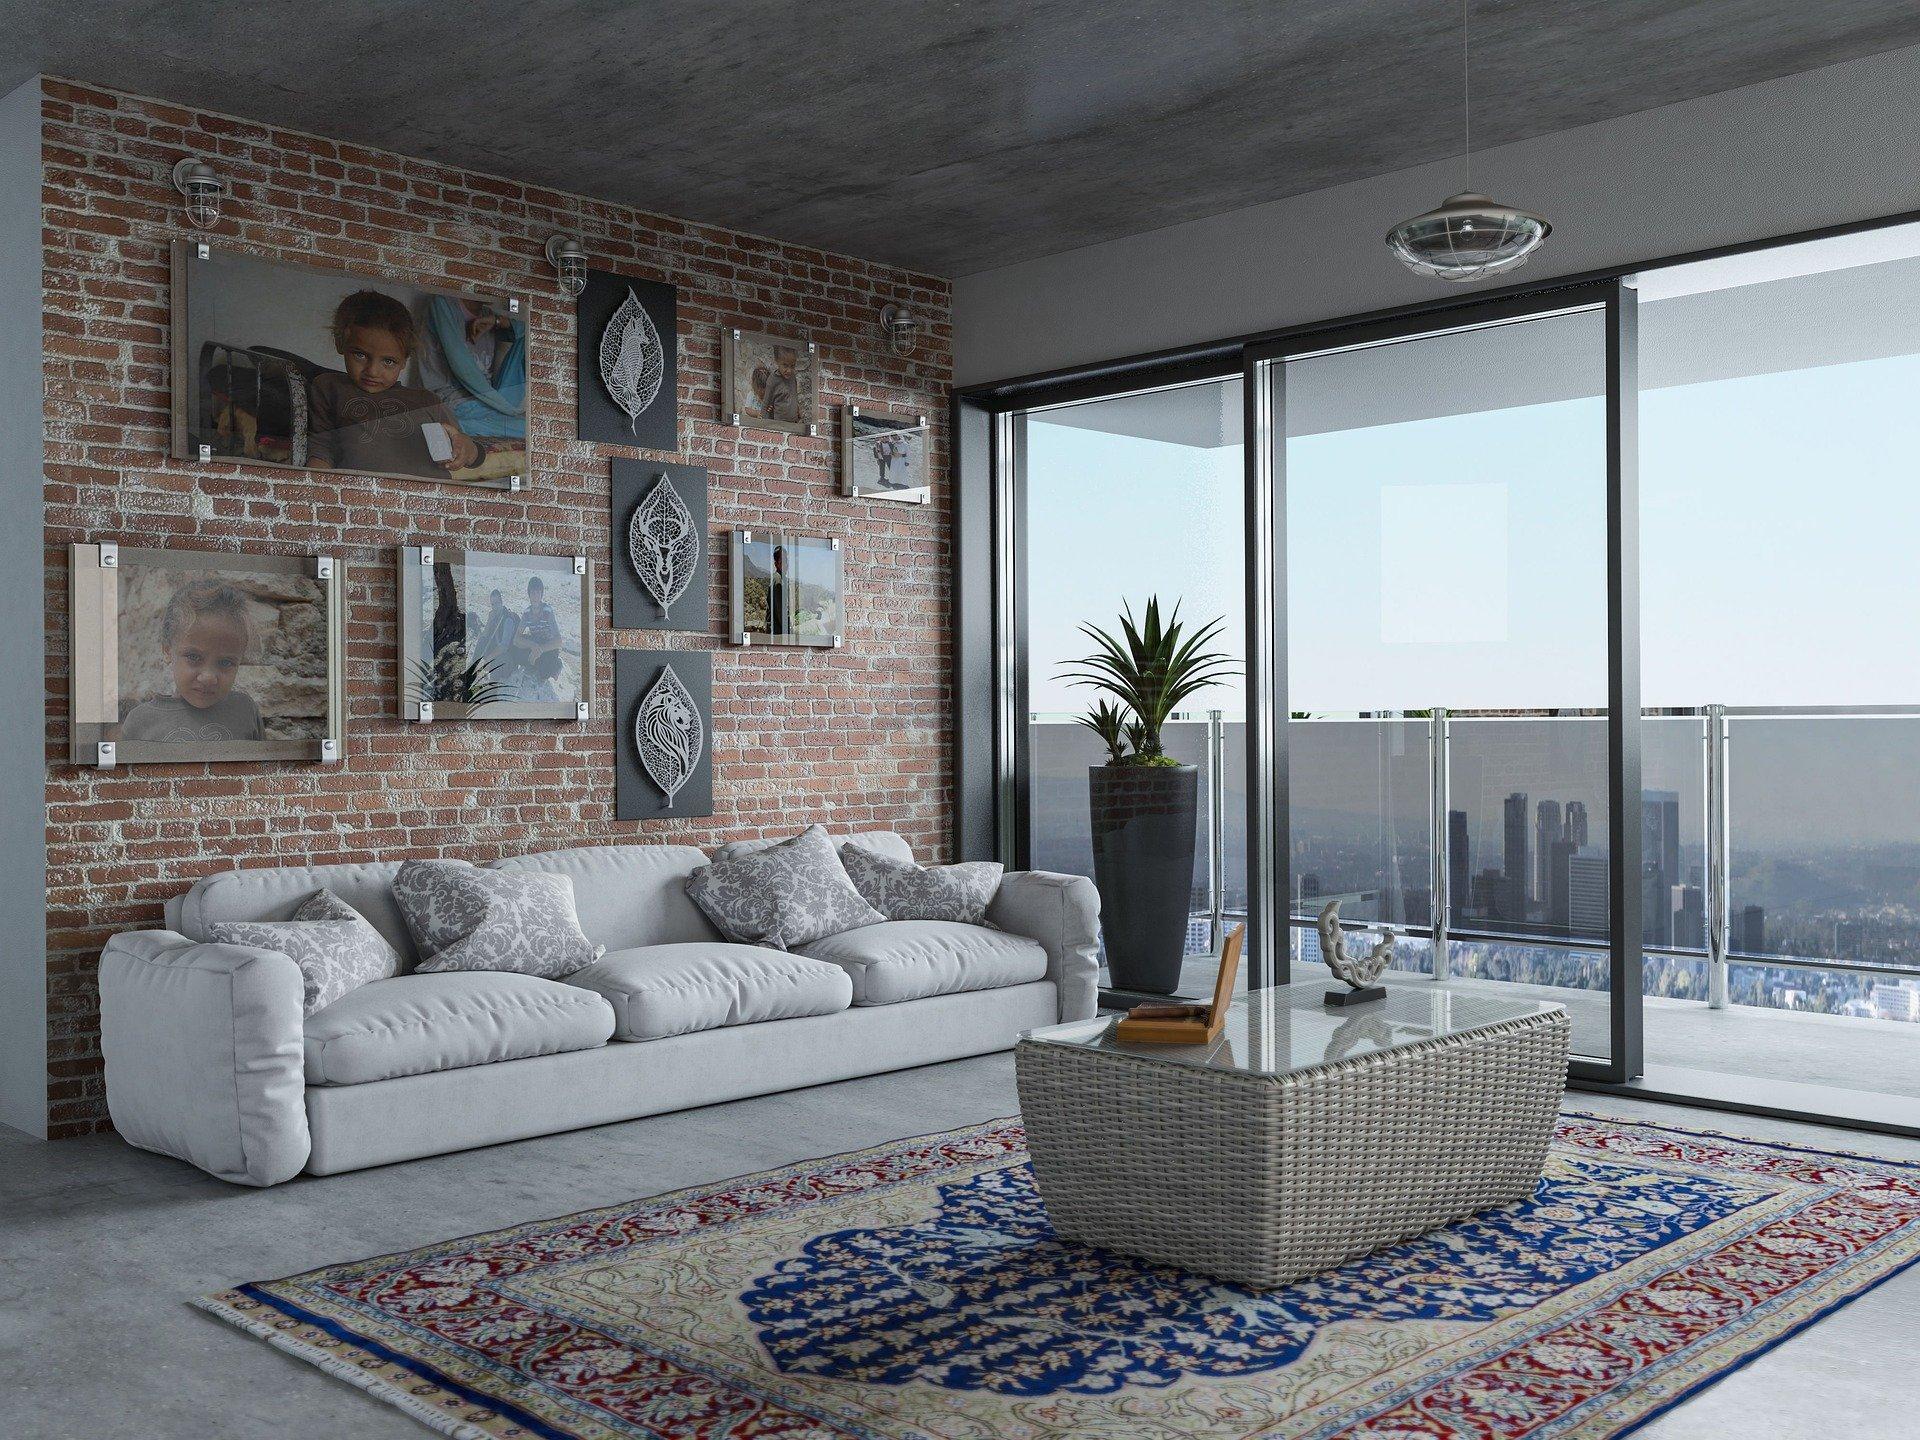 布艺沙发厂家发挥创意风格,如何在布艺中溶化文化